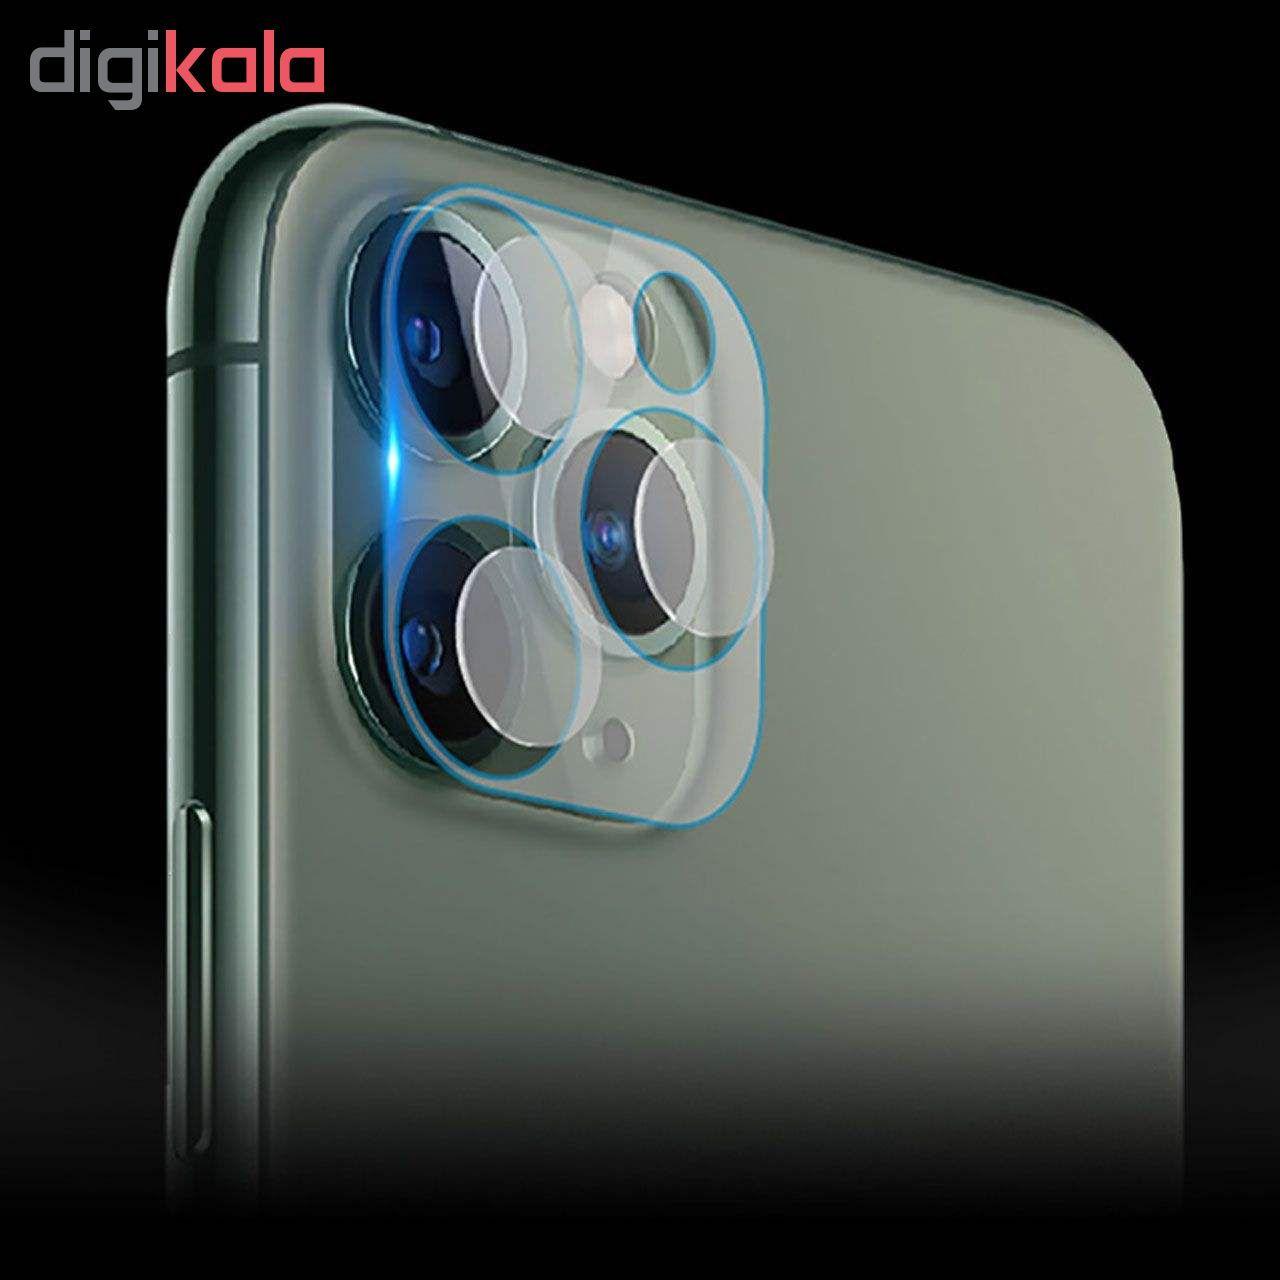 محافظ لنز دوربین مدل TC-11 مناسب برای گوشی موبایل اپل iPhone 11 Pro max main 1 1